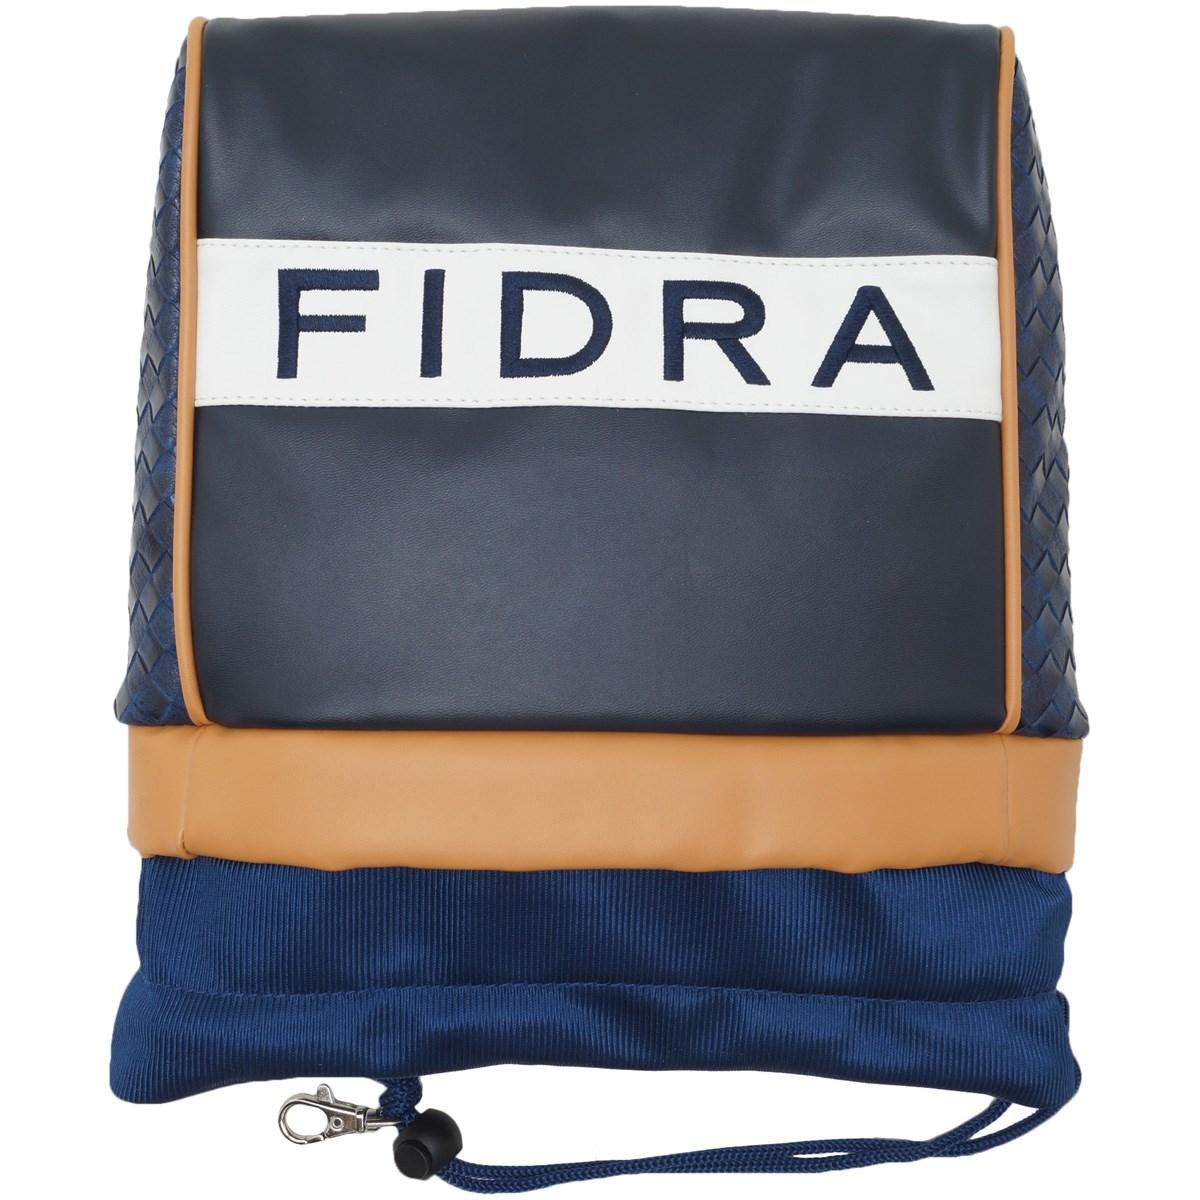 [アウトレット] [55%OFF在庫限りのお買い得商品] フィドラ FIDRA クラシックアイアンカバー ネイビー メンズ ゴルフ